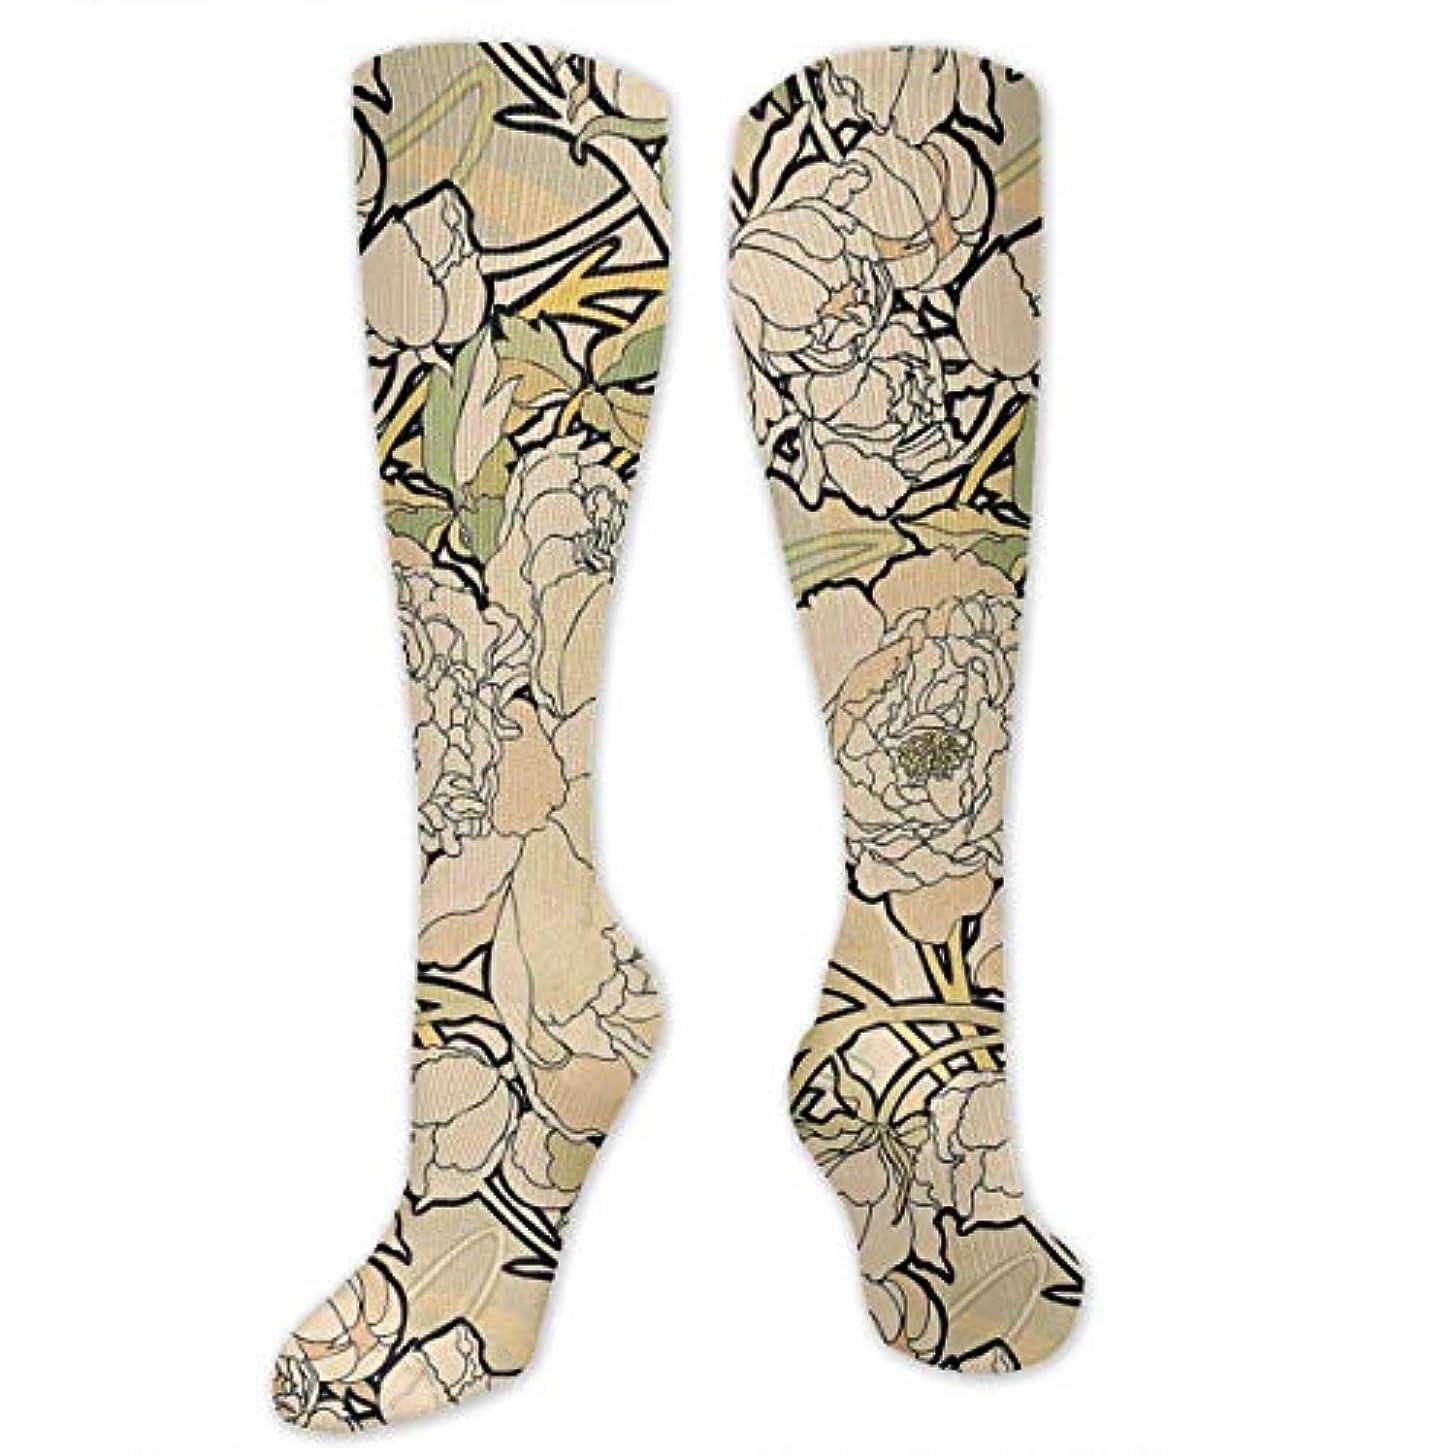 謝罪するキャリアしわ靴下,ストッキング,野生のジョーカー,実際,秋の本質,冬必須,サマーウェア&RBXAA Women's Winter Cotton Long Tube Socks Knee High Graduated Compression...